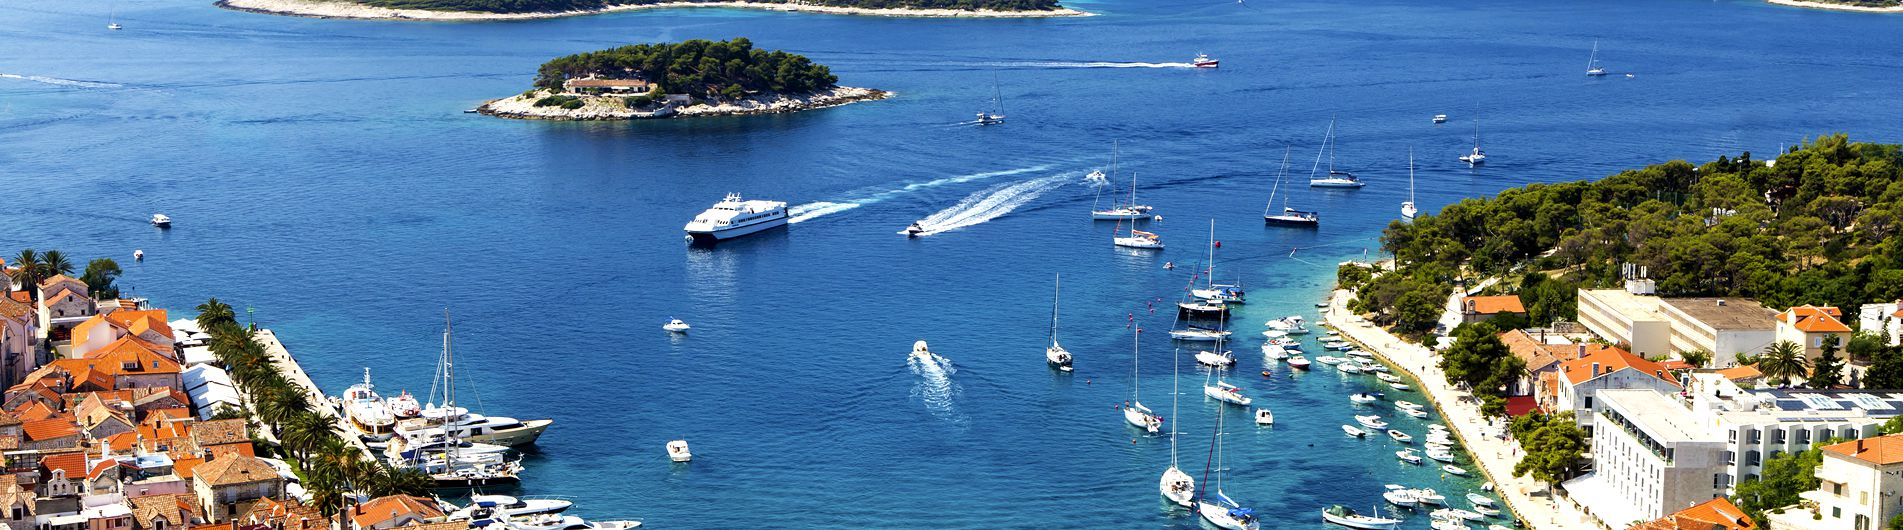 Hvar Island Holidays